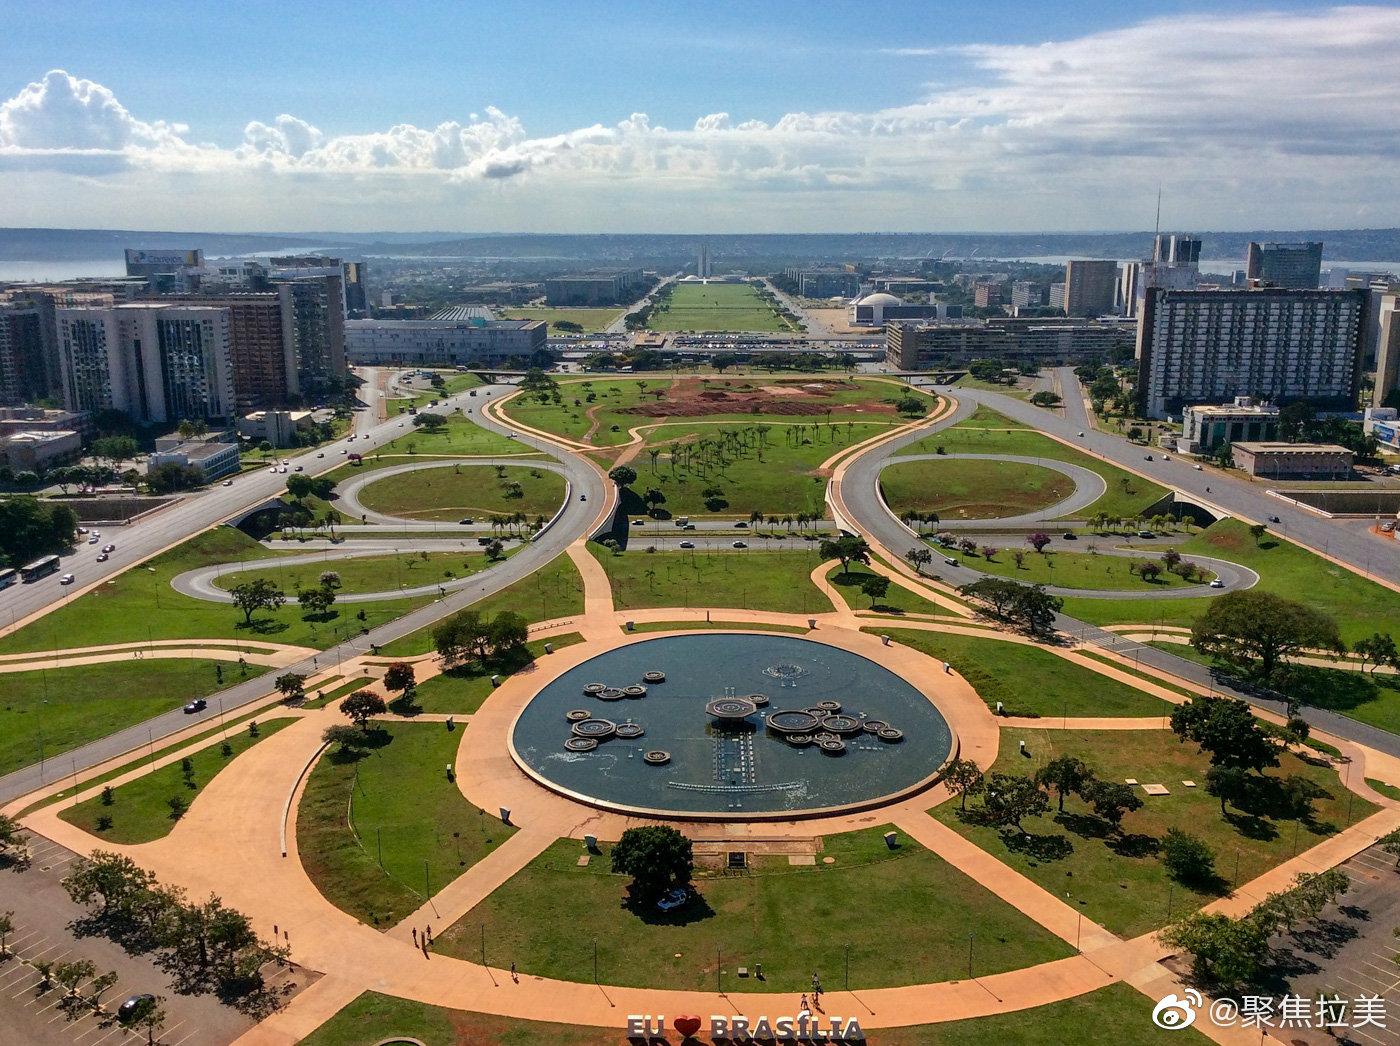 世界城市规划的典范—巴西利亚